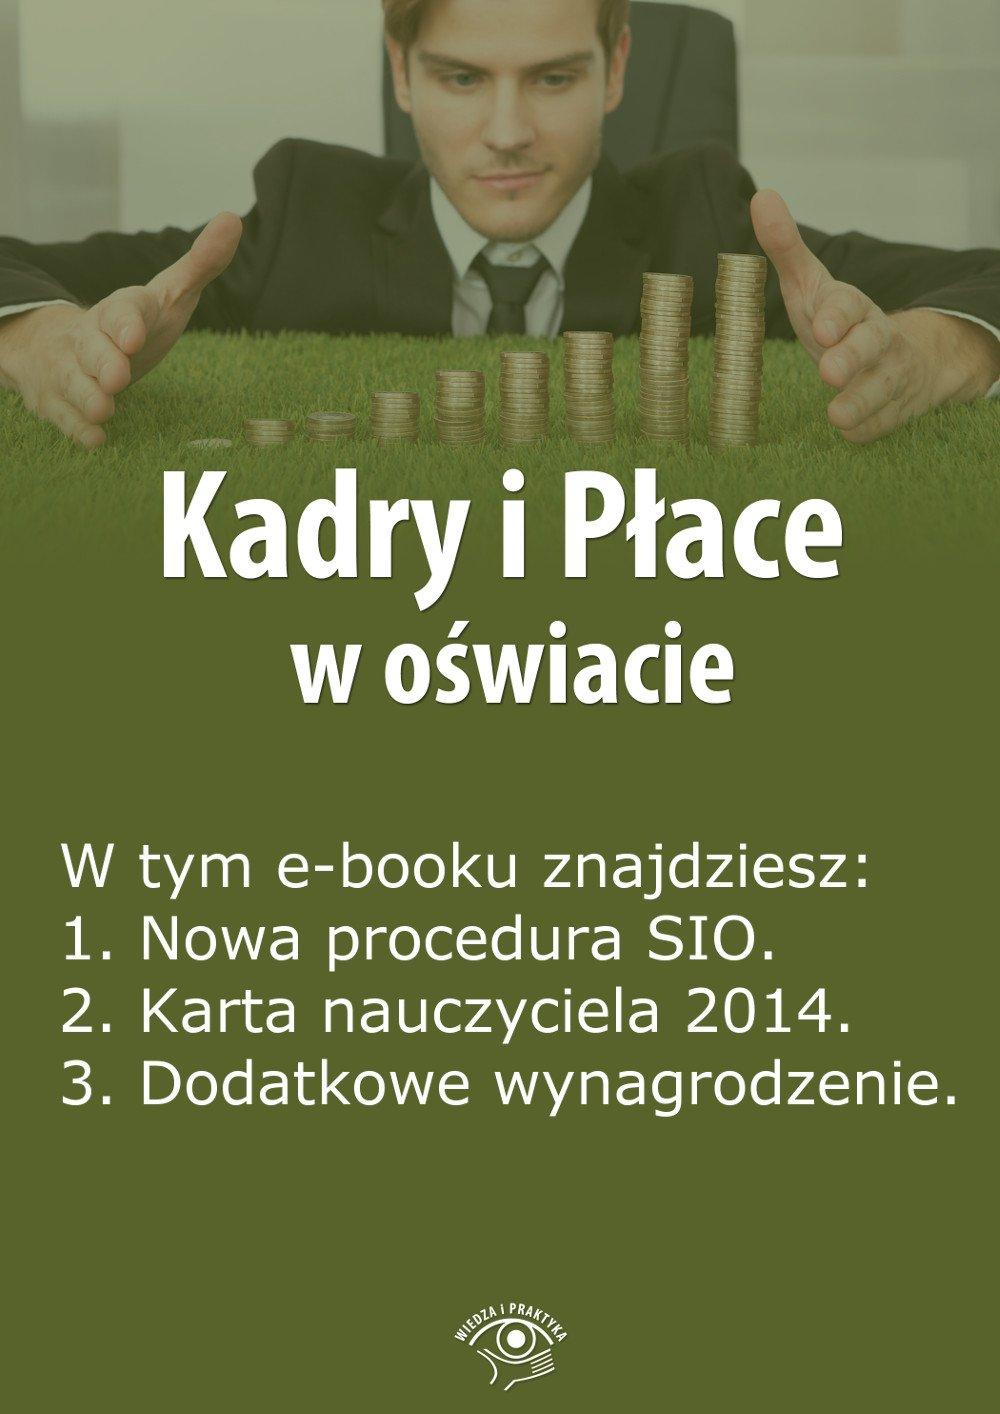 Kadry i Płace w oświacie. Wydanie luty 2014 r. - Ebook (Książka EPUB) do pobrania w formacie EPUB